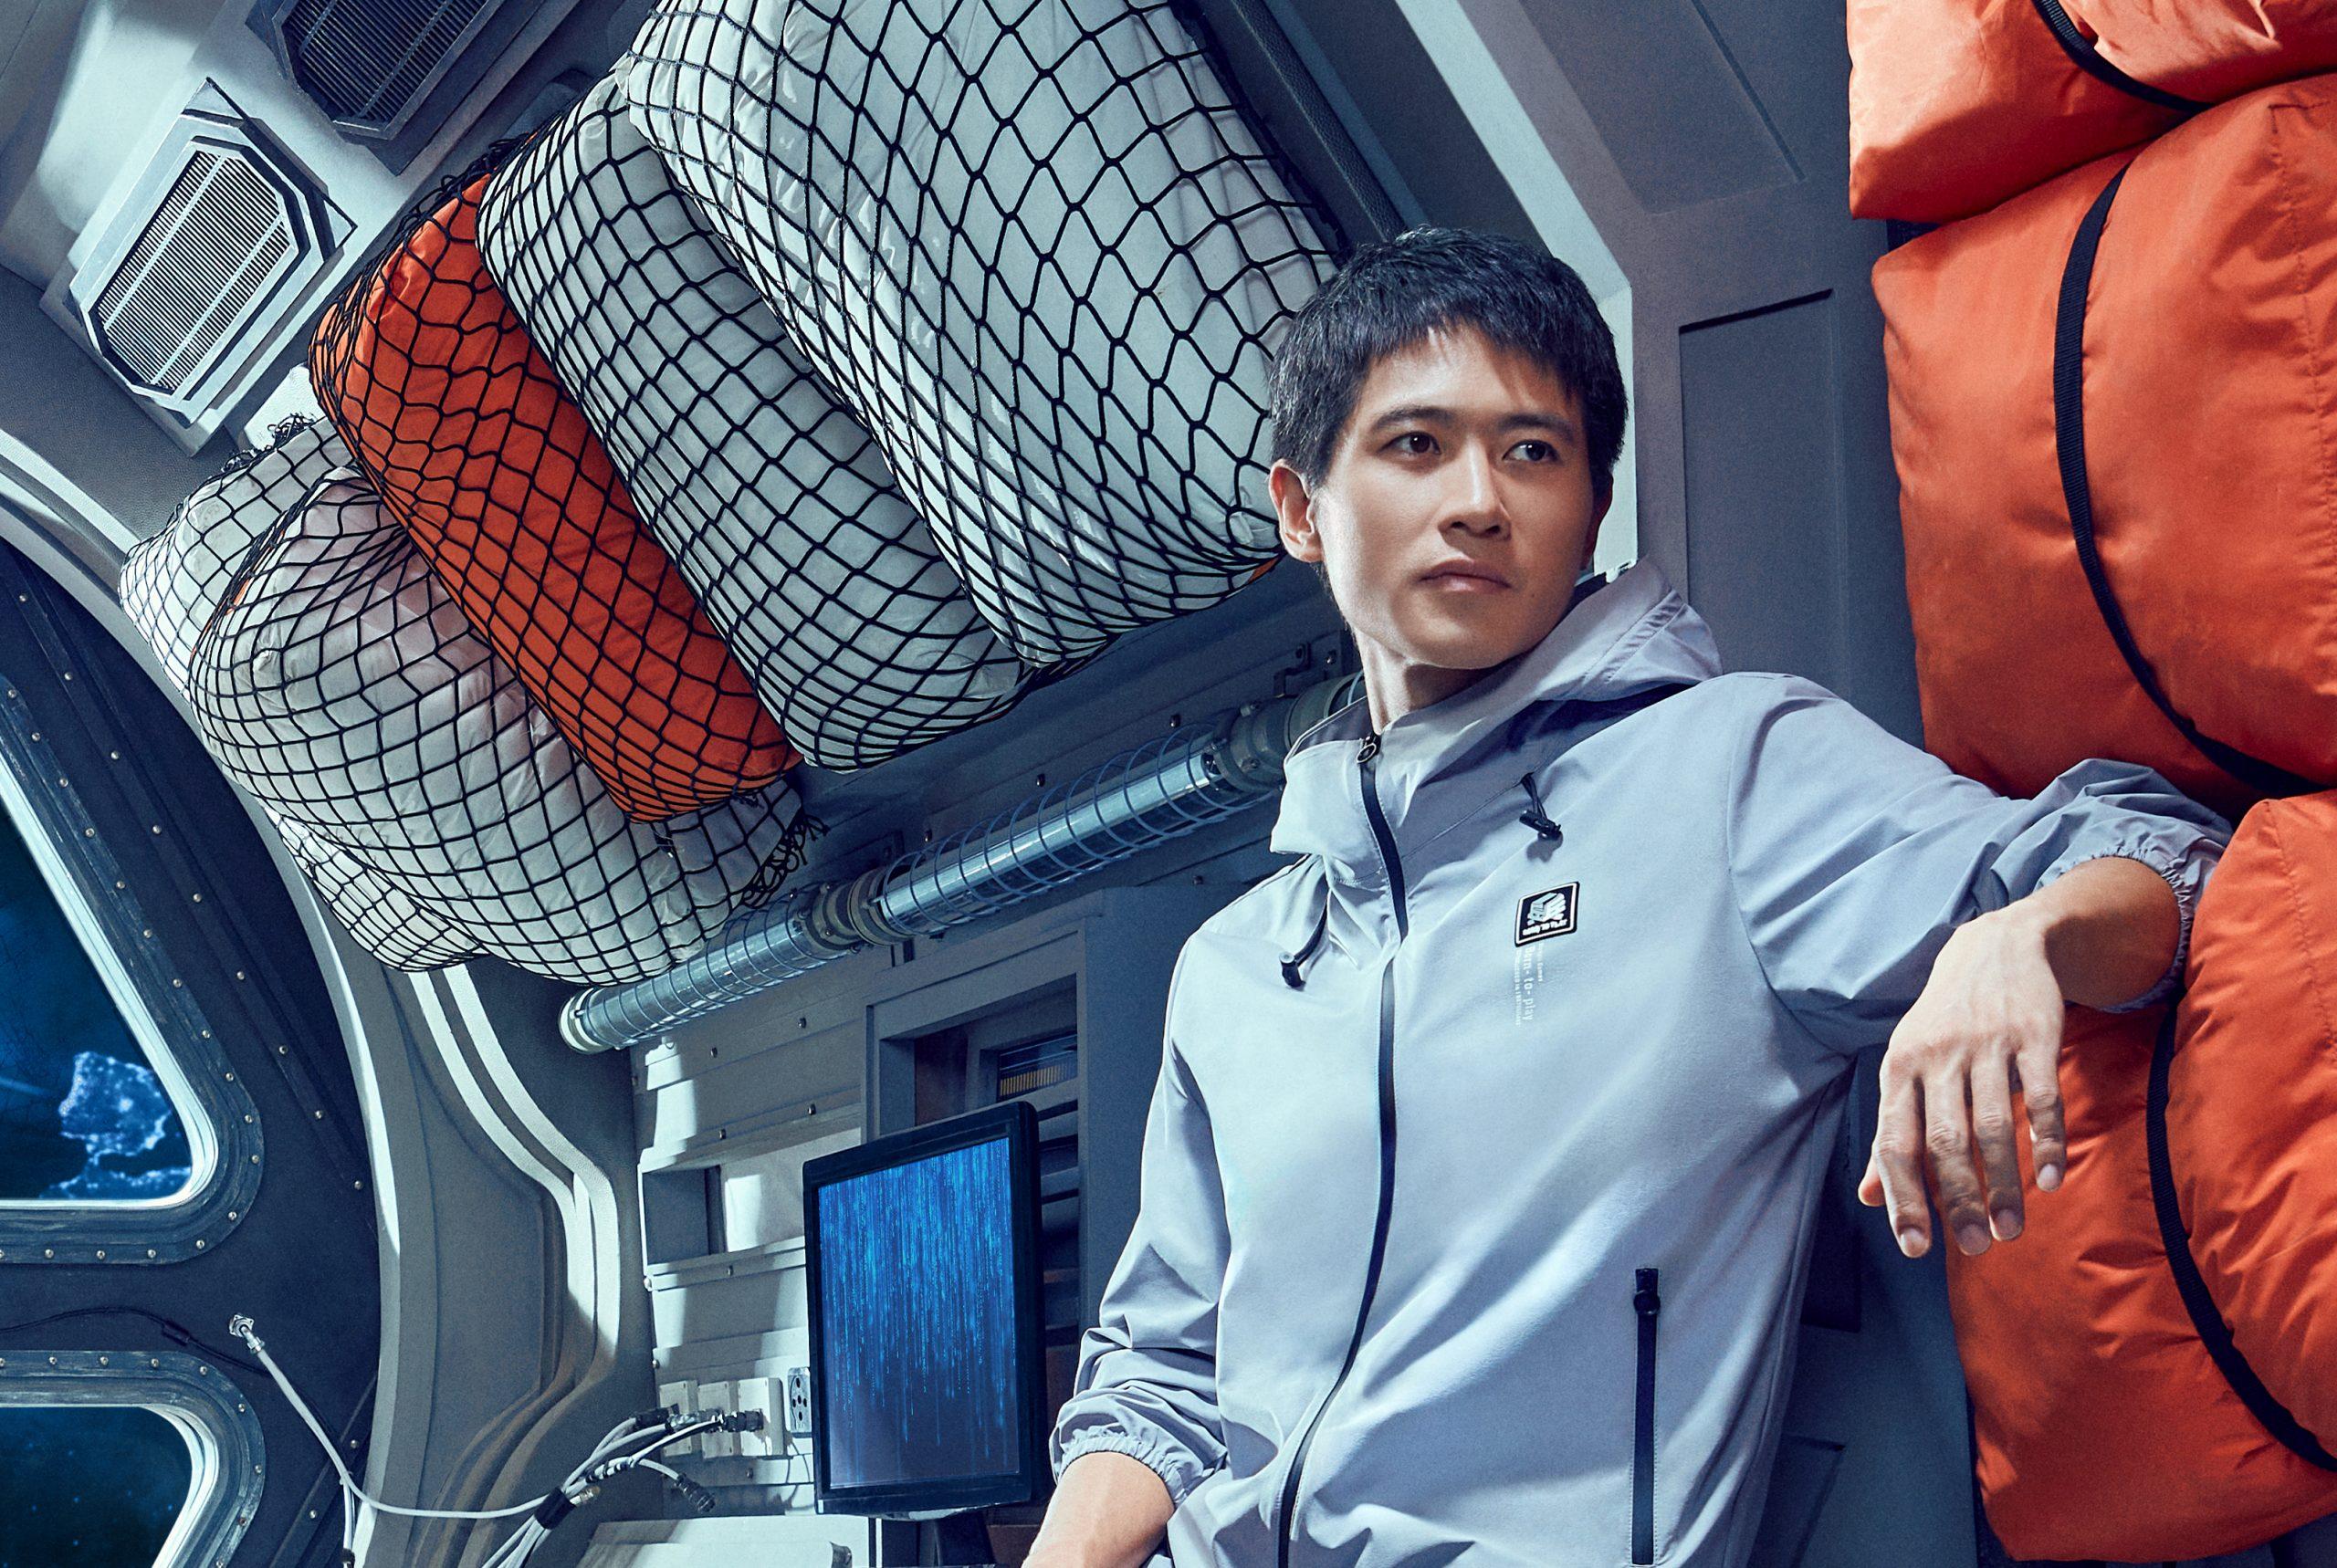 十八年来第二个代言人,中国男装品牌利郎为何选择了韩寒?